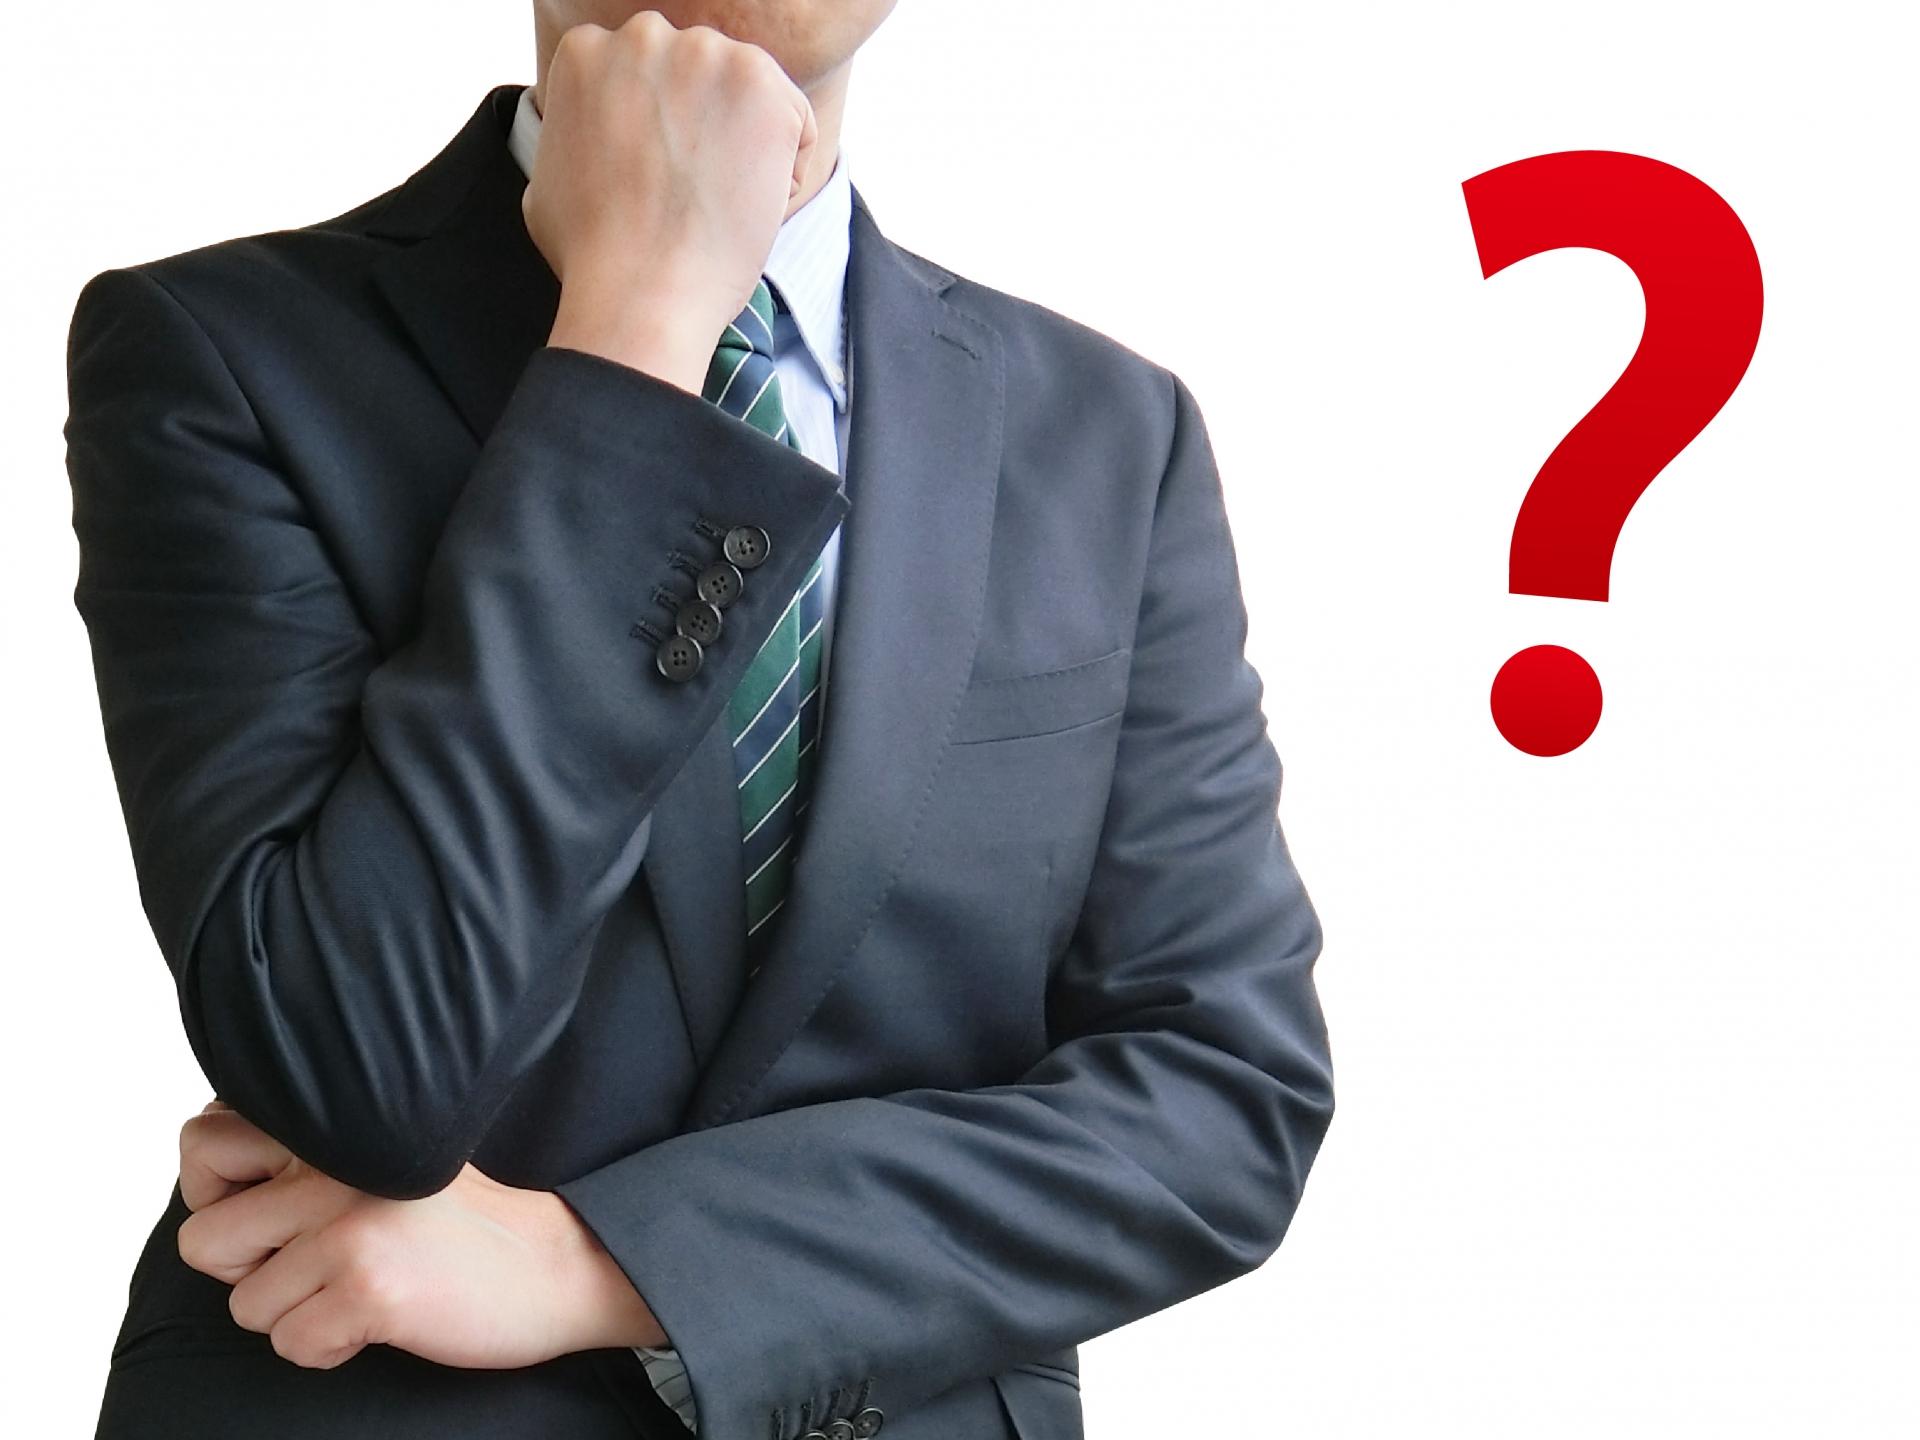 役職手当がついていれば、残業代は払われないの?